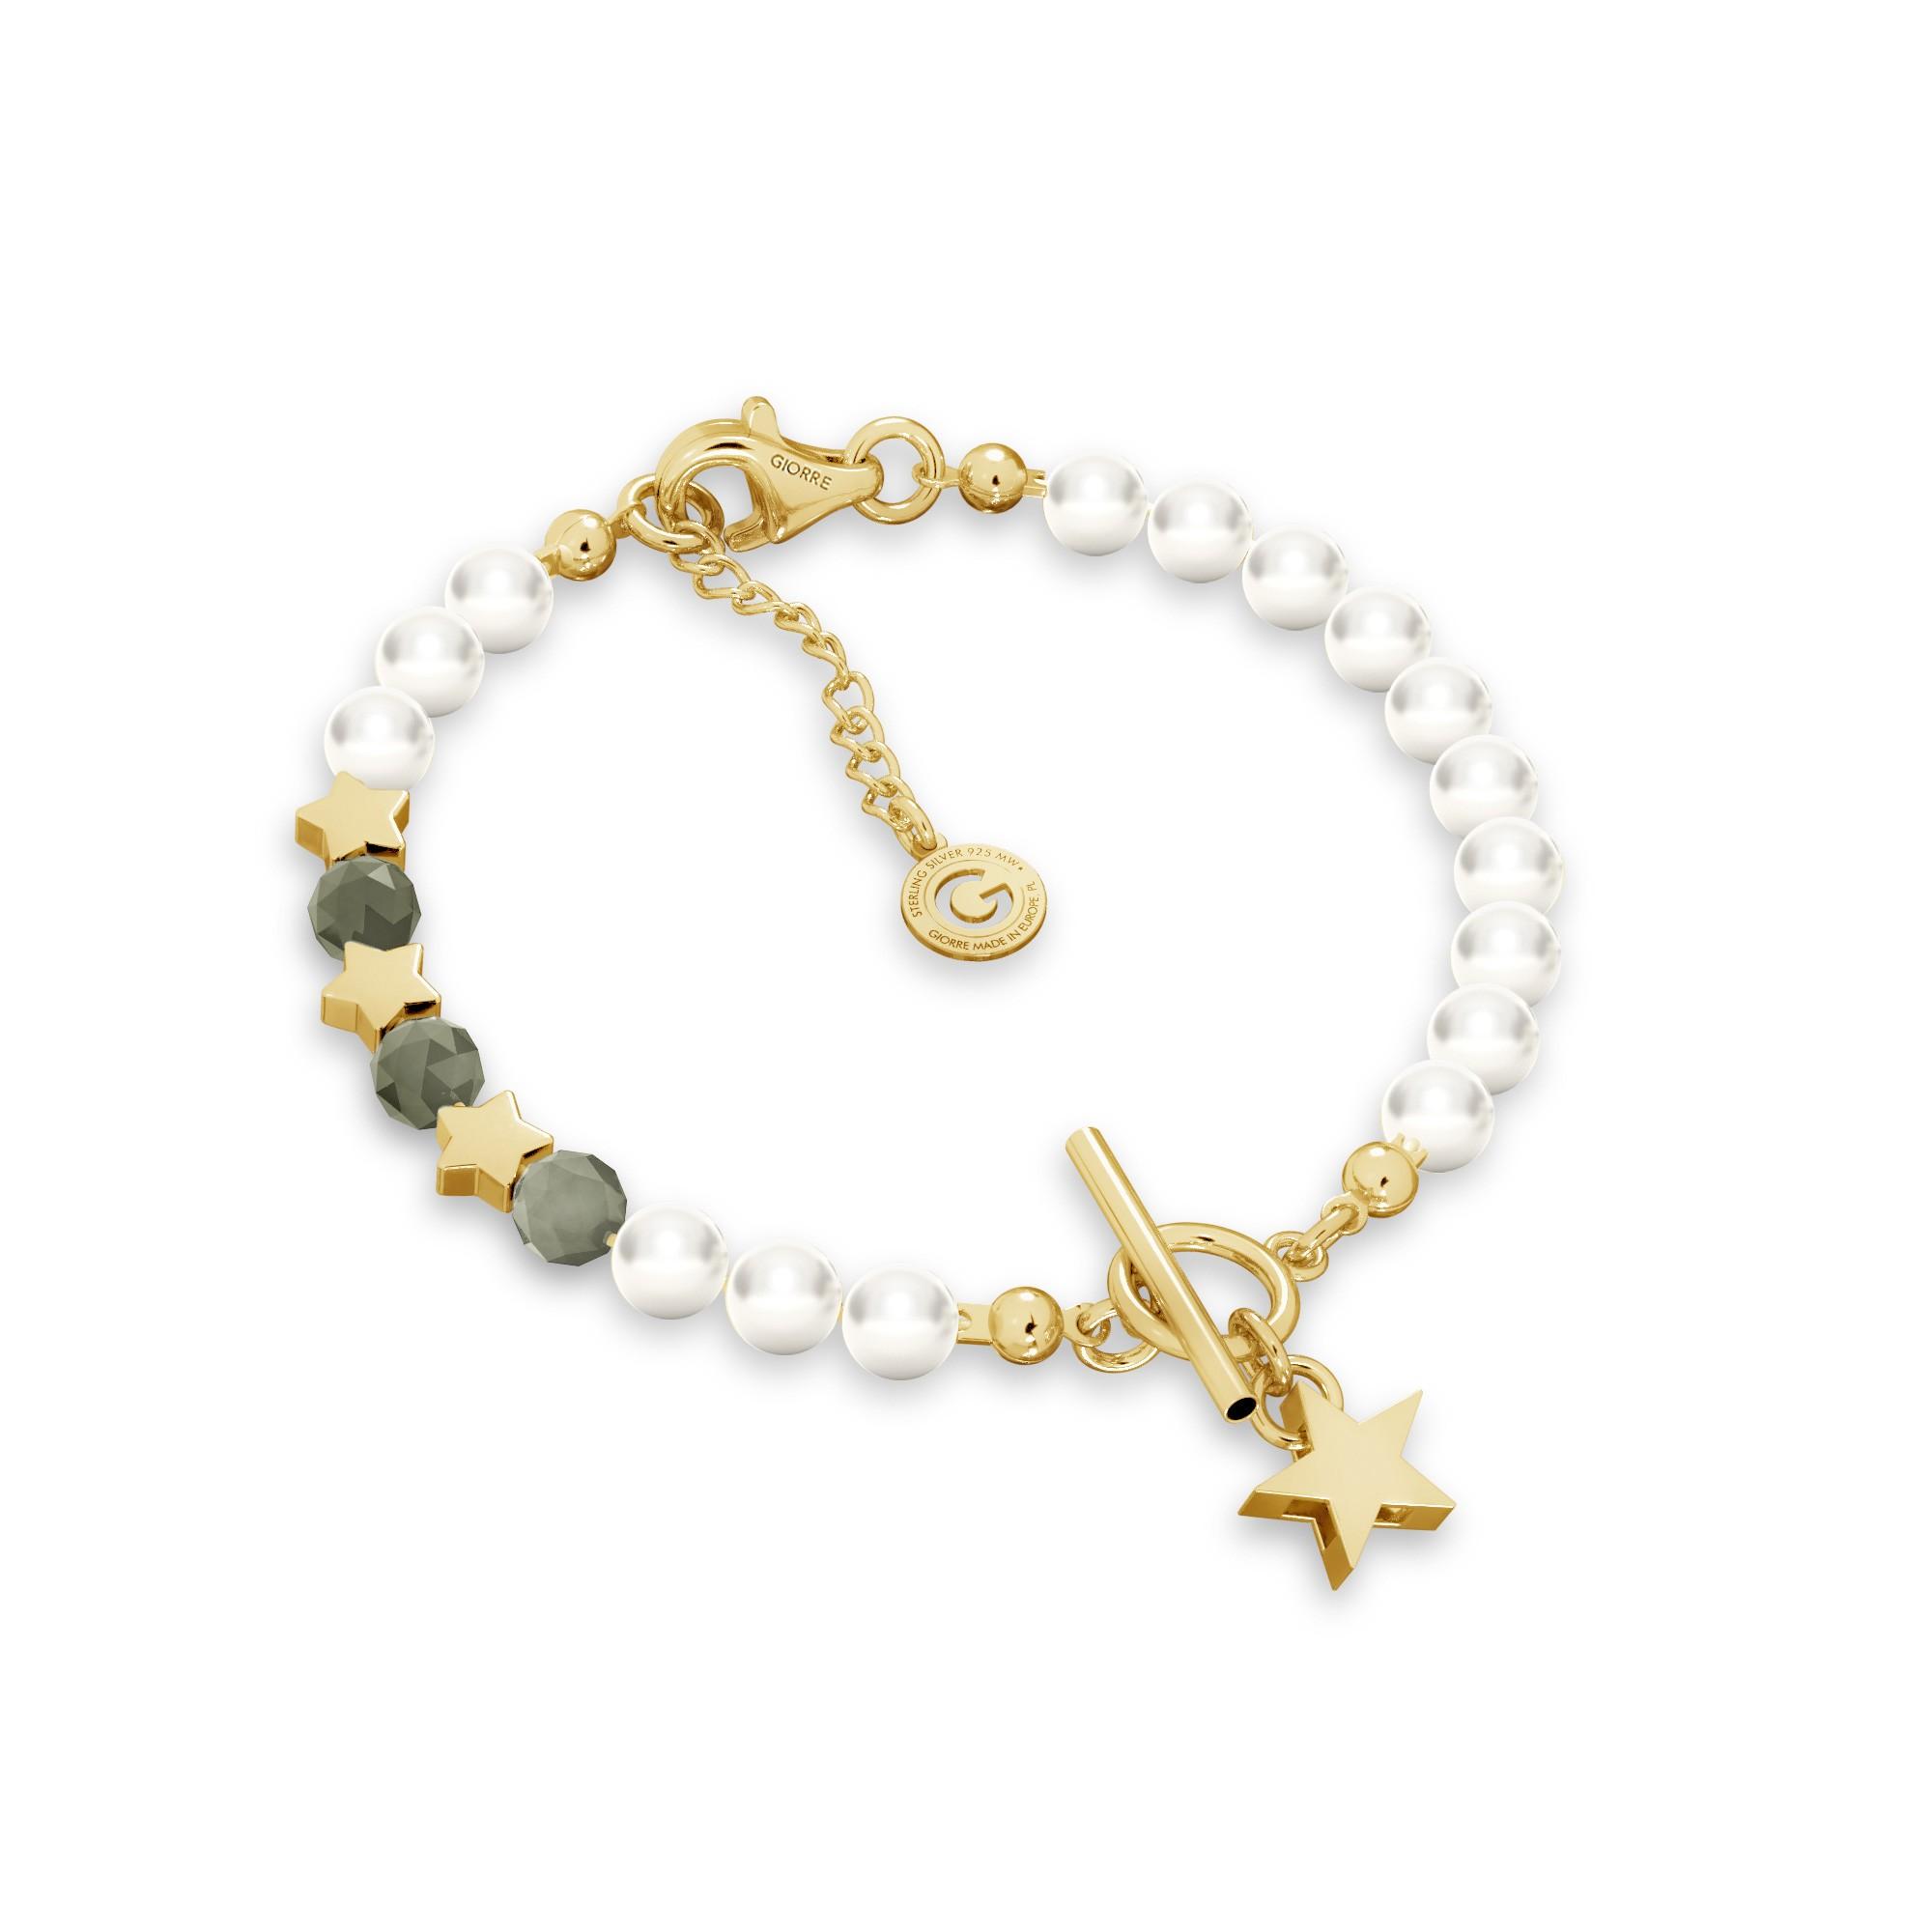 Szmaragdowa bransoletka z perłami i gwiazdkami, srebro 925